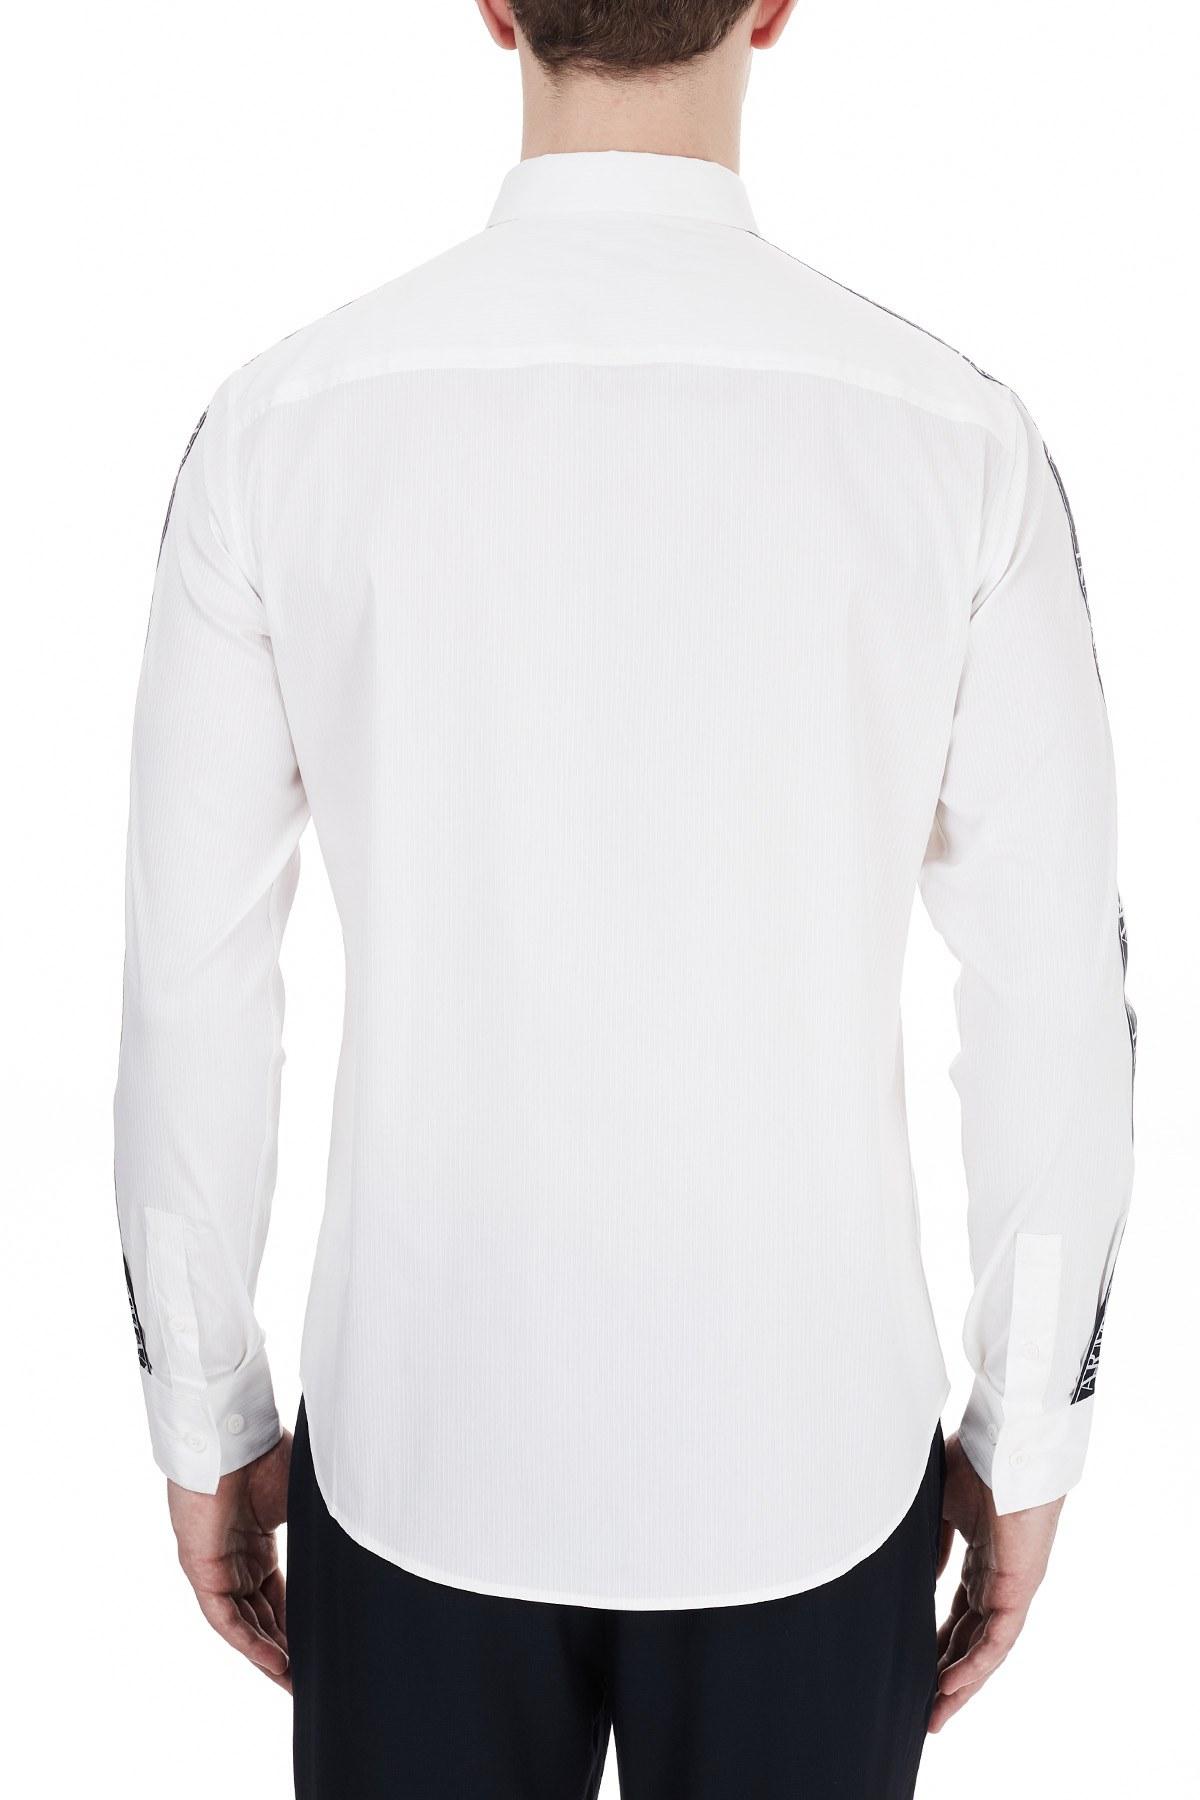 Armani Exchange Kontrast Logo Baskılı Uzun Kollu Erkek Gömlek 6HZC06 ZNY2Z 1100 BEYAZ